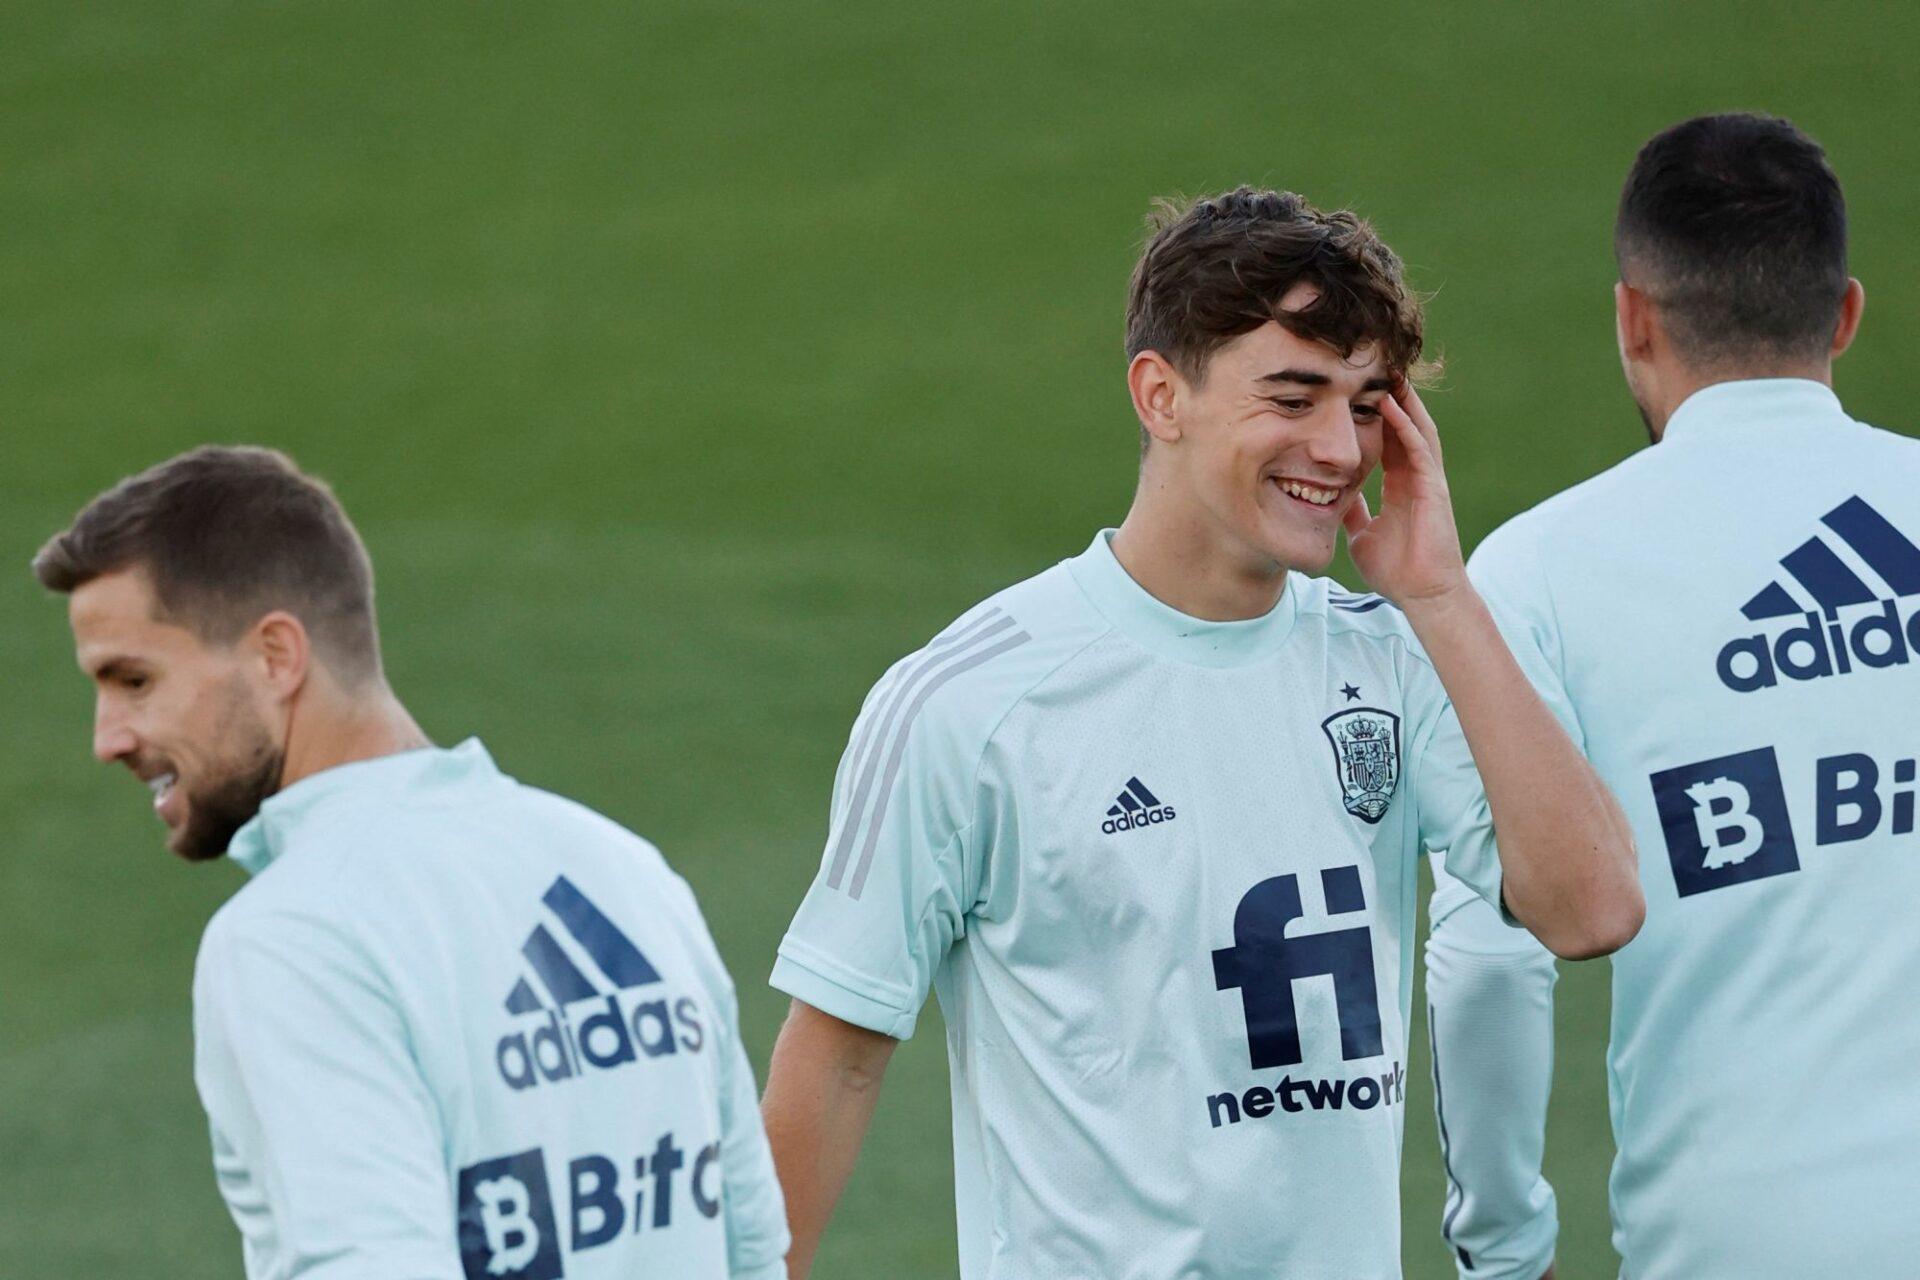 Après seulement 363 minutes en professionnel, l'ailier du Barça Gavi (17 ans) a été convoqué en sélection espagnole. Icon Sport